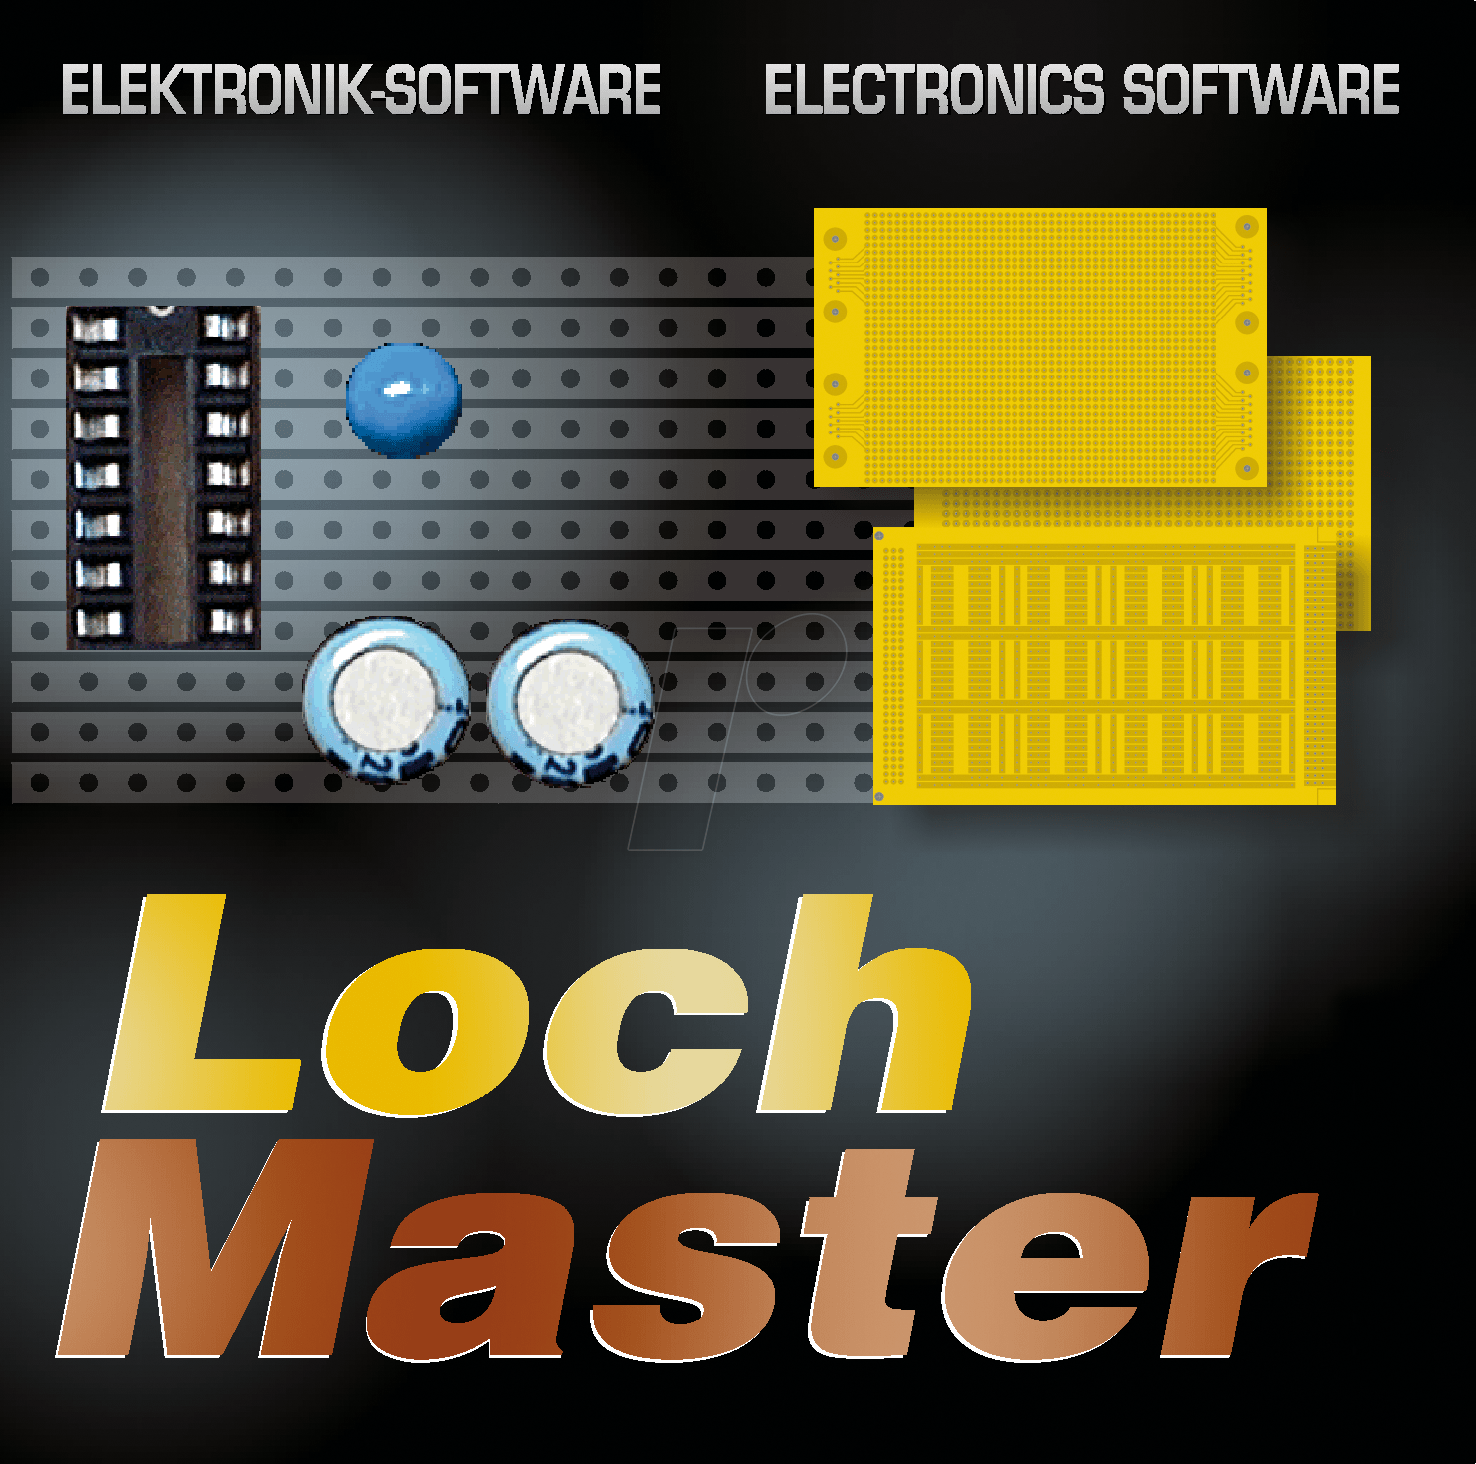 https://cdn-reichelt.de/bilder/web/xxl_ws/E801/LOCHMASTER.png